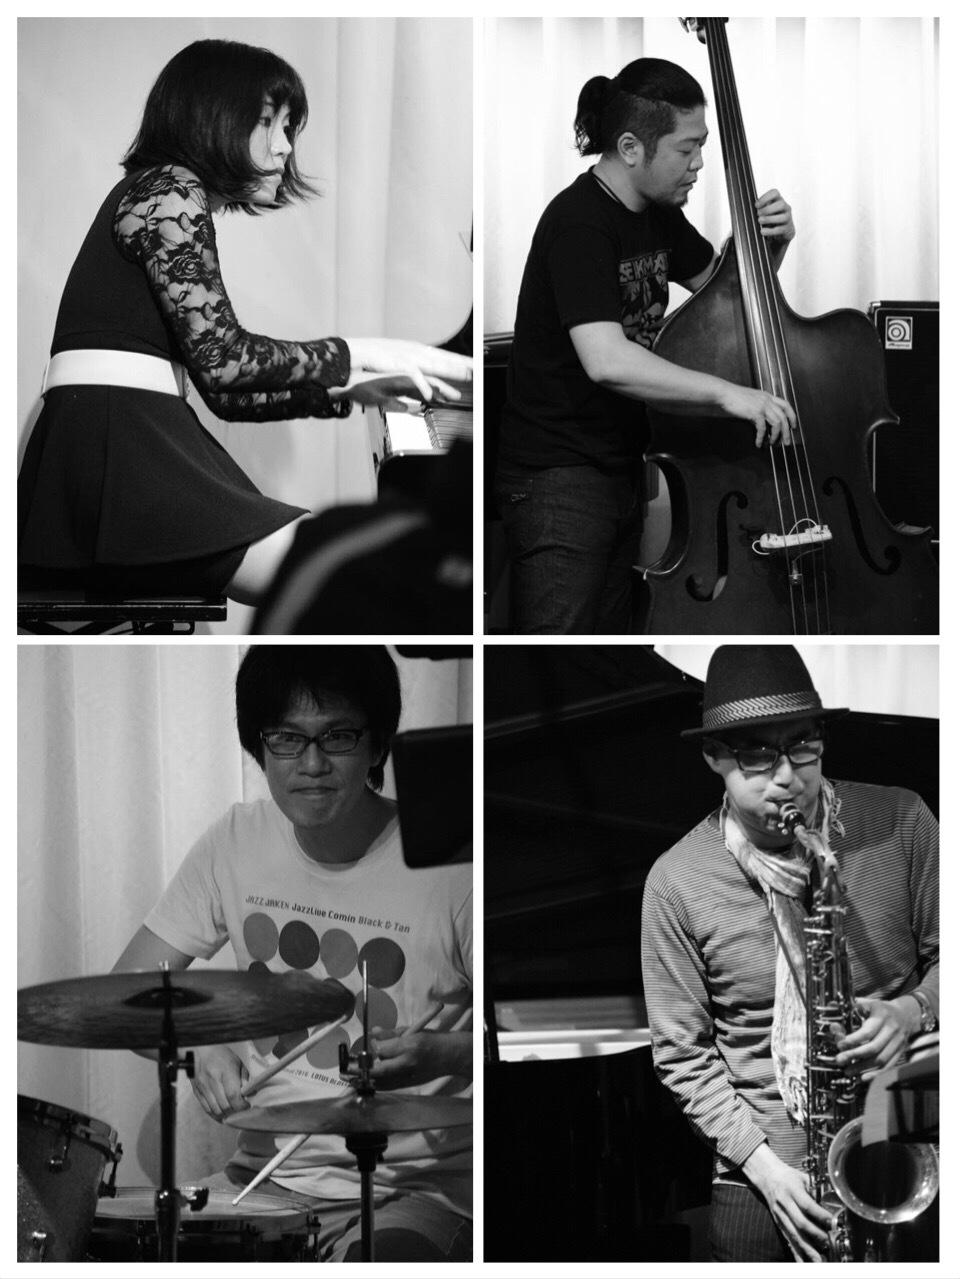 広島でジャズ   Jazzlive comin 一月ラストライブ と 二月のライブスケジュール_b0115606_11333051.jpg